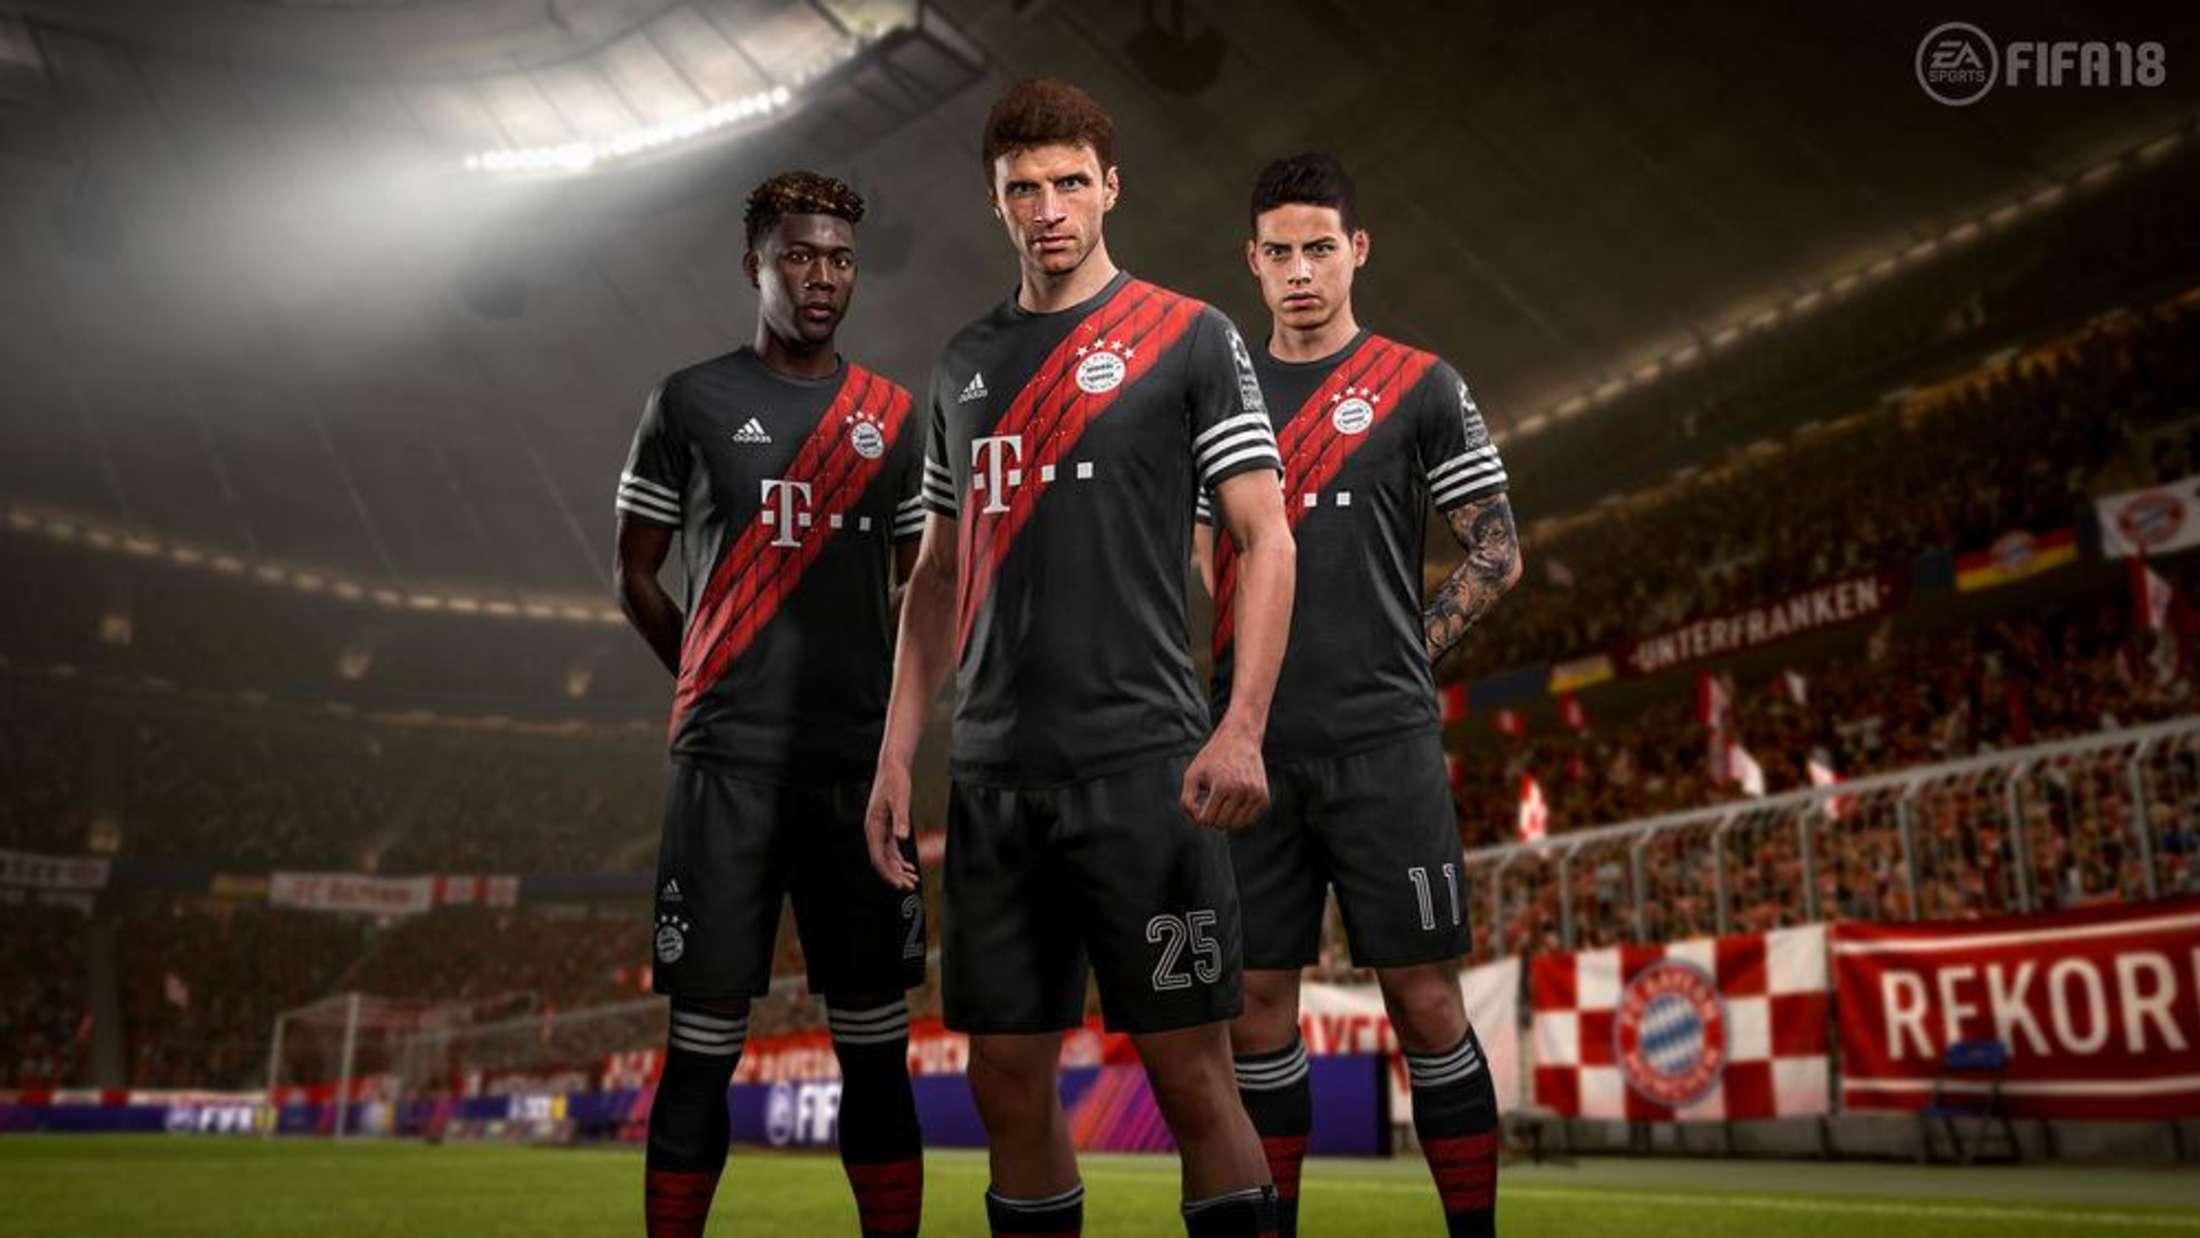 FC Bayern FIFA 18 Trikot